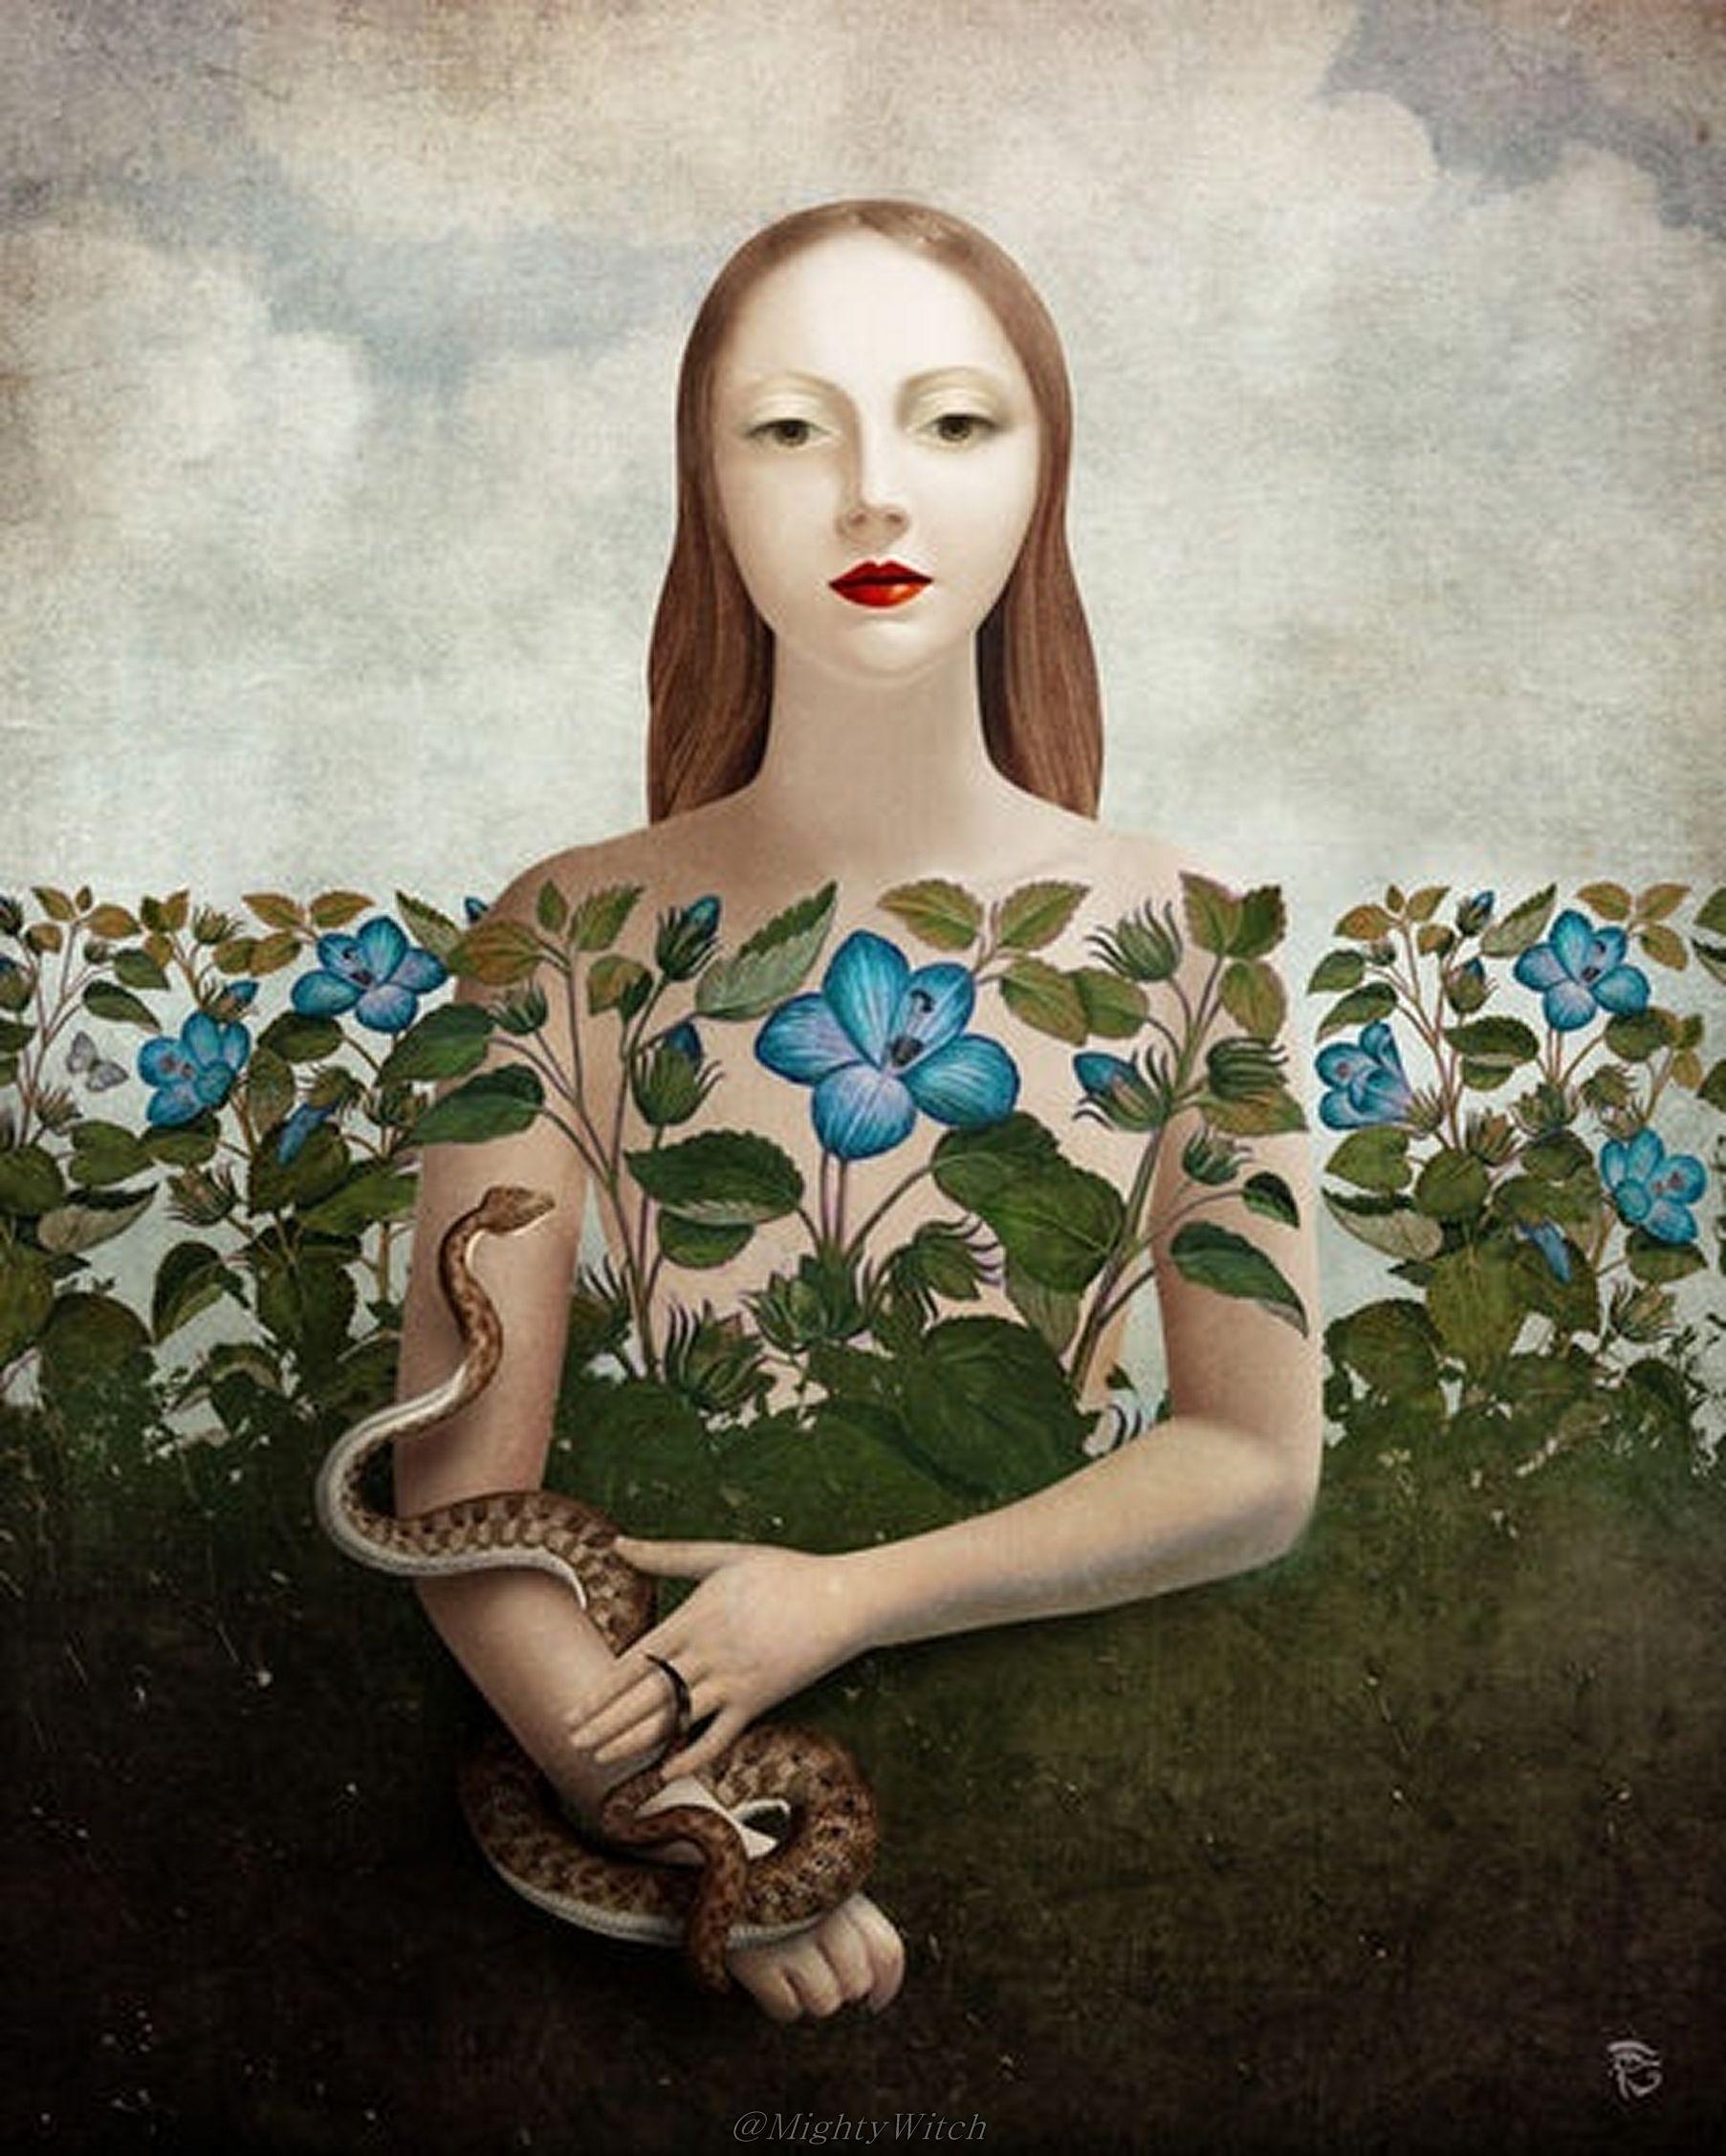 Eva and The Garden by Christian Schloe.